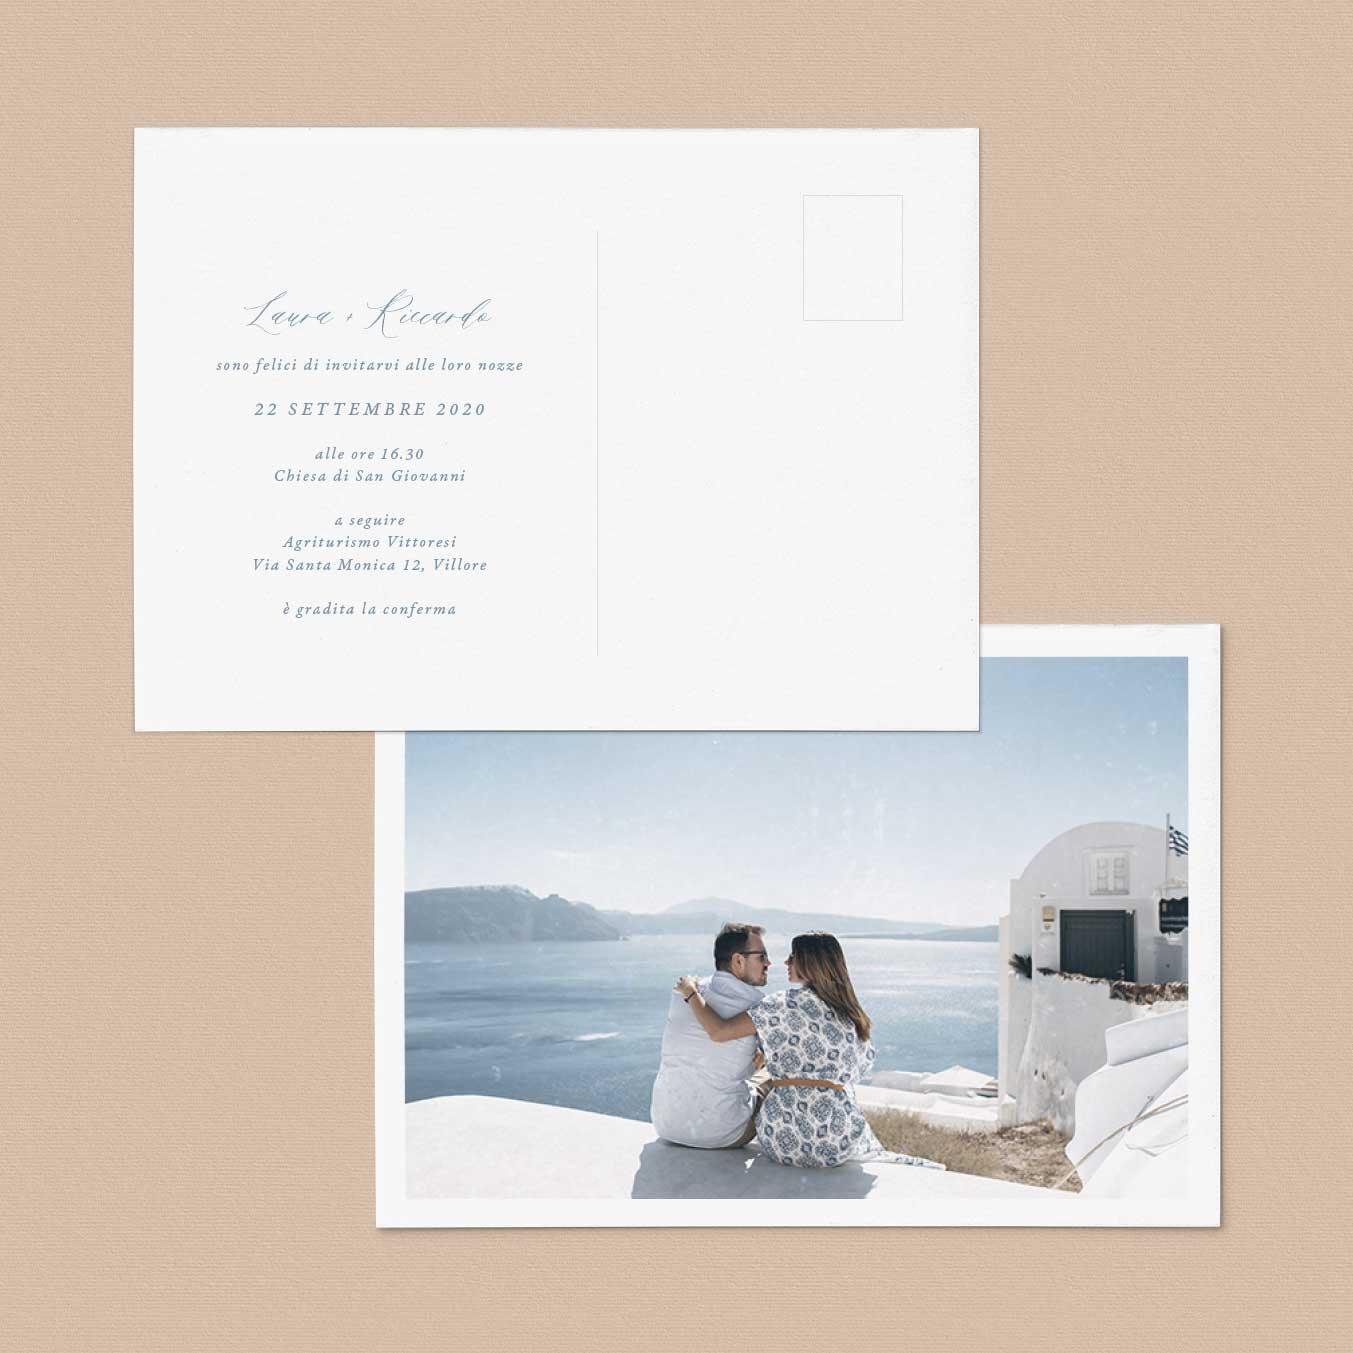 Inviti-partecipazioni-matrimonio-nozze-wedding-invitation-cartolina-postcard-vintage-particolare-mare-tema-originale-idea